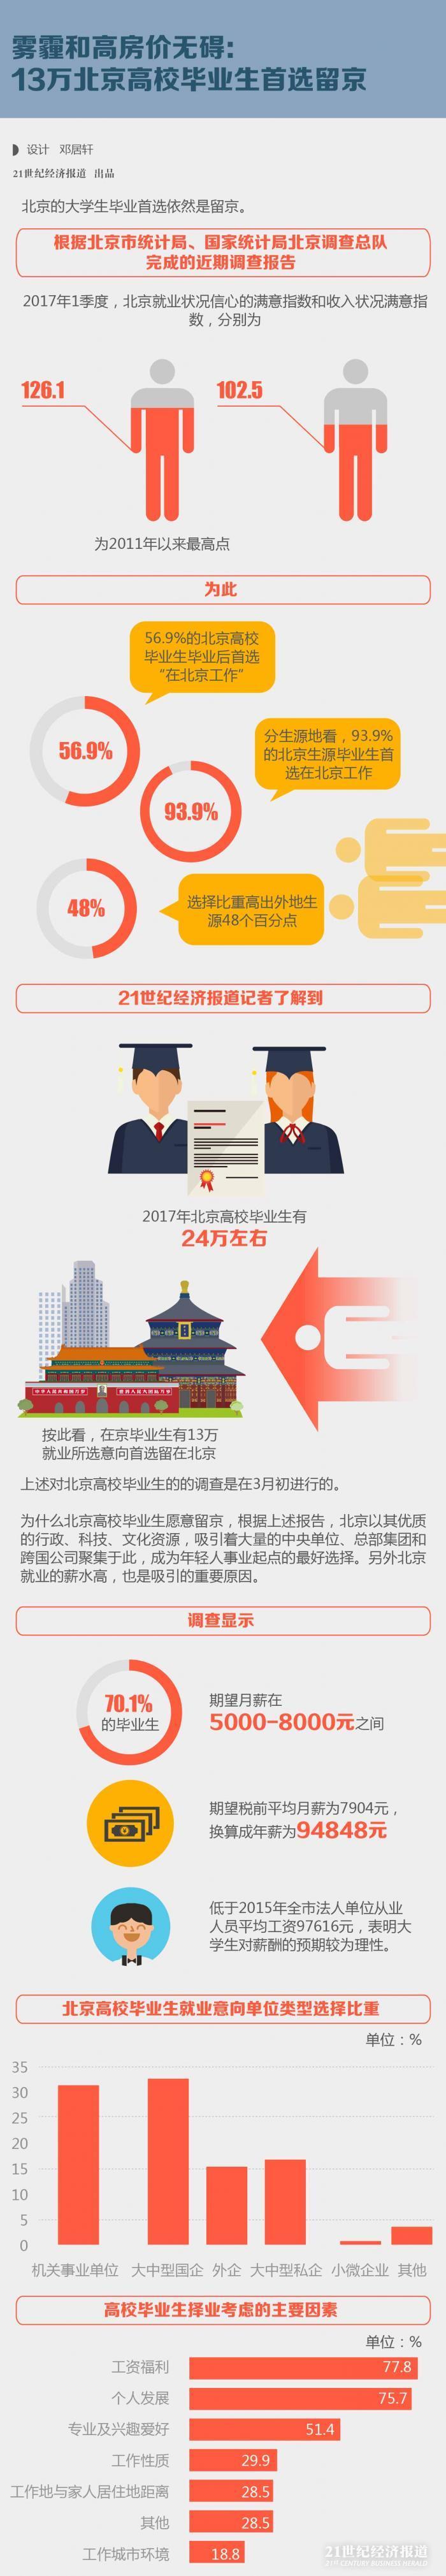 雾霾和高房价无碍:13万北京高校毕业生首选留京